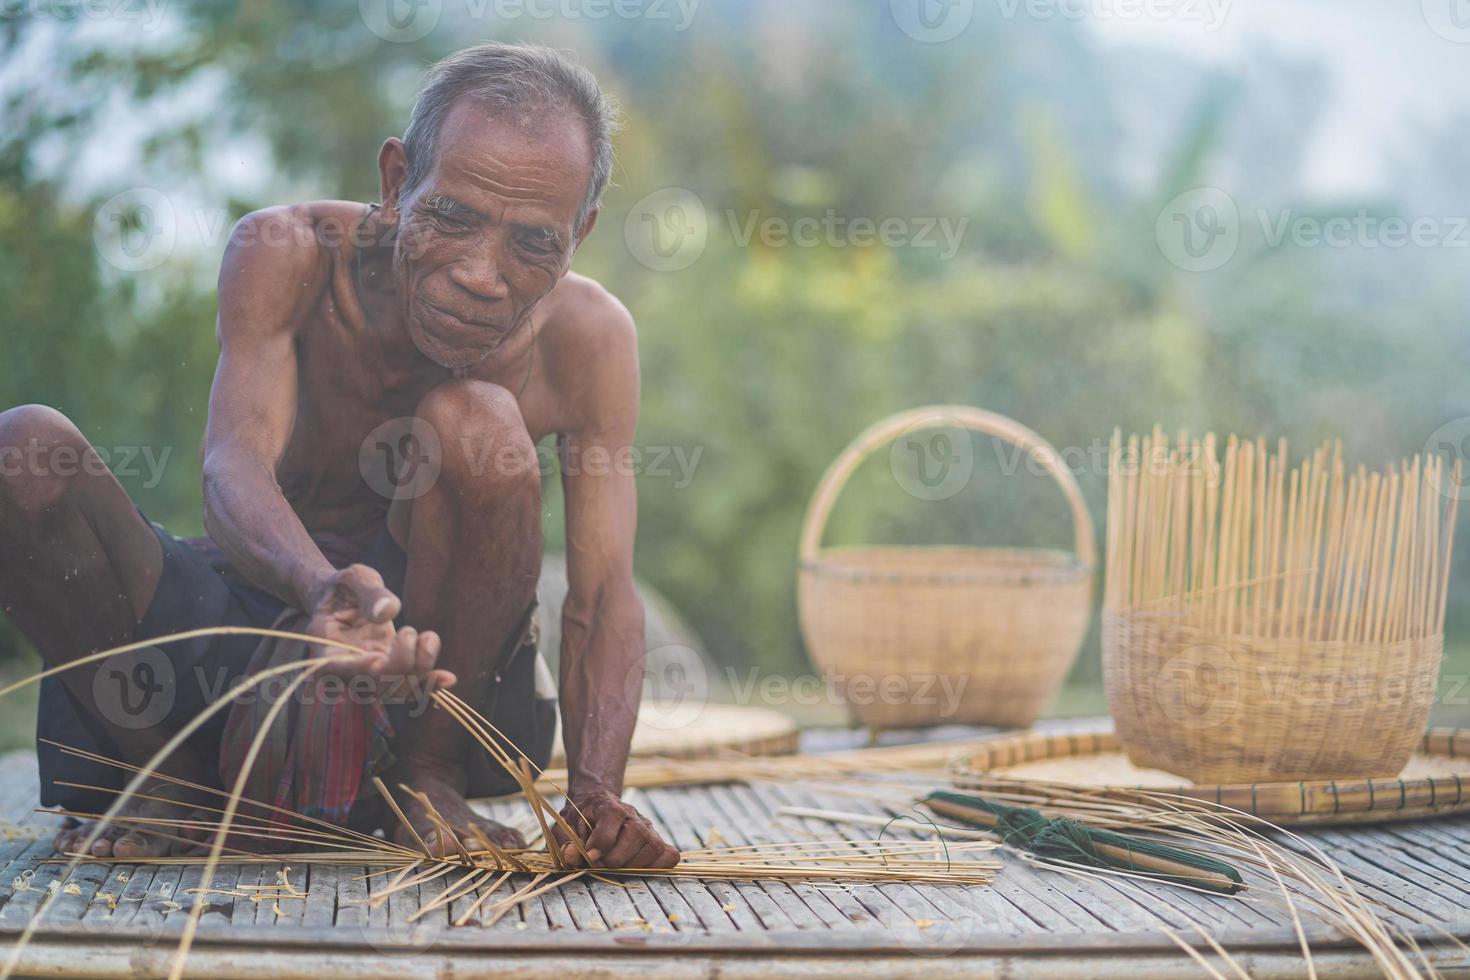 homem sênior e artesanato de bambu, estilo de vida dos habitantes locais na Tailândia foto